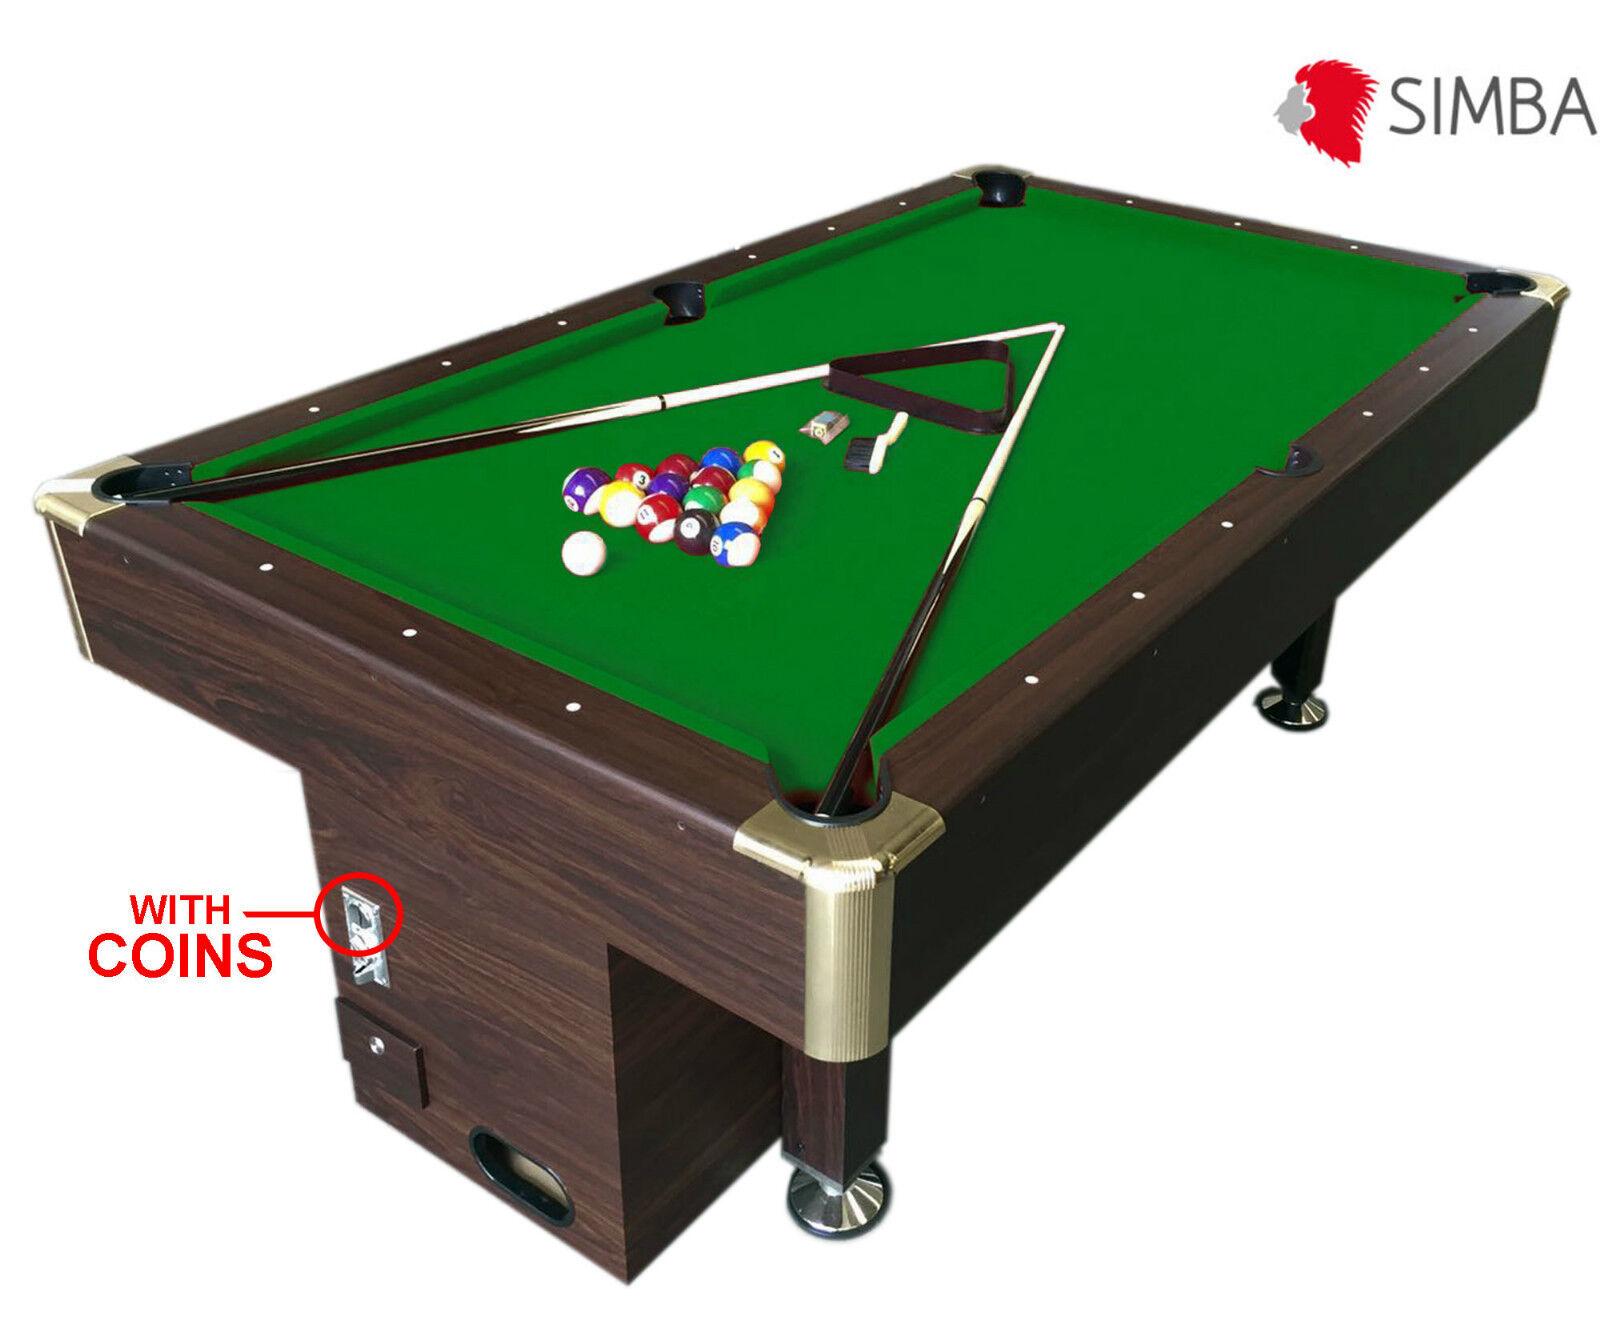 Mesa de billar carambola con monedero electrónico juegos de billar pool 7 ft Apo